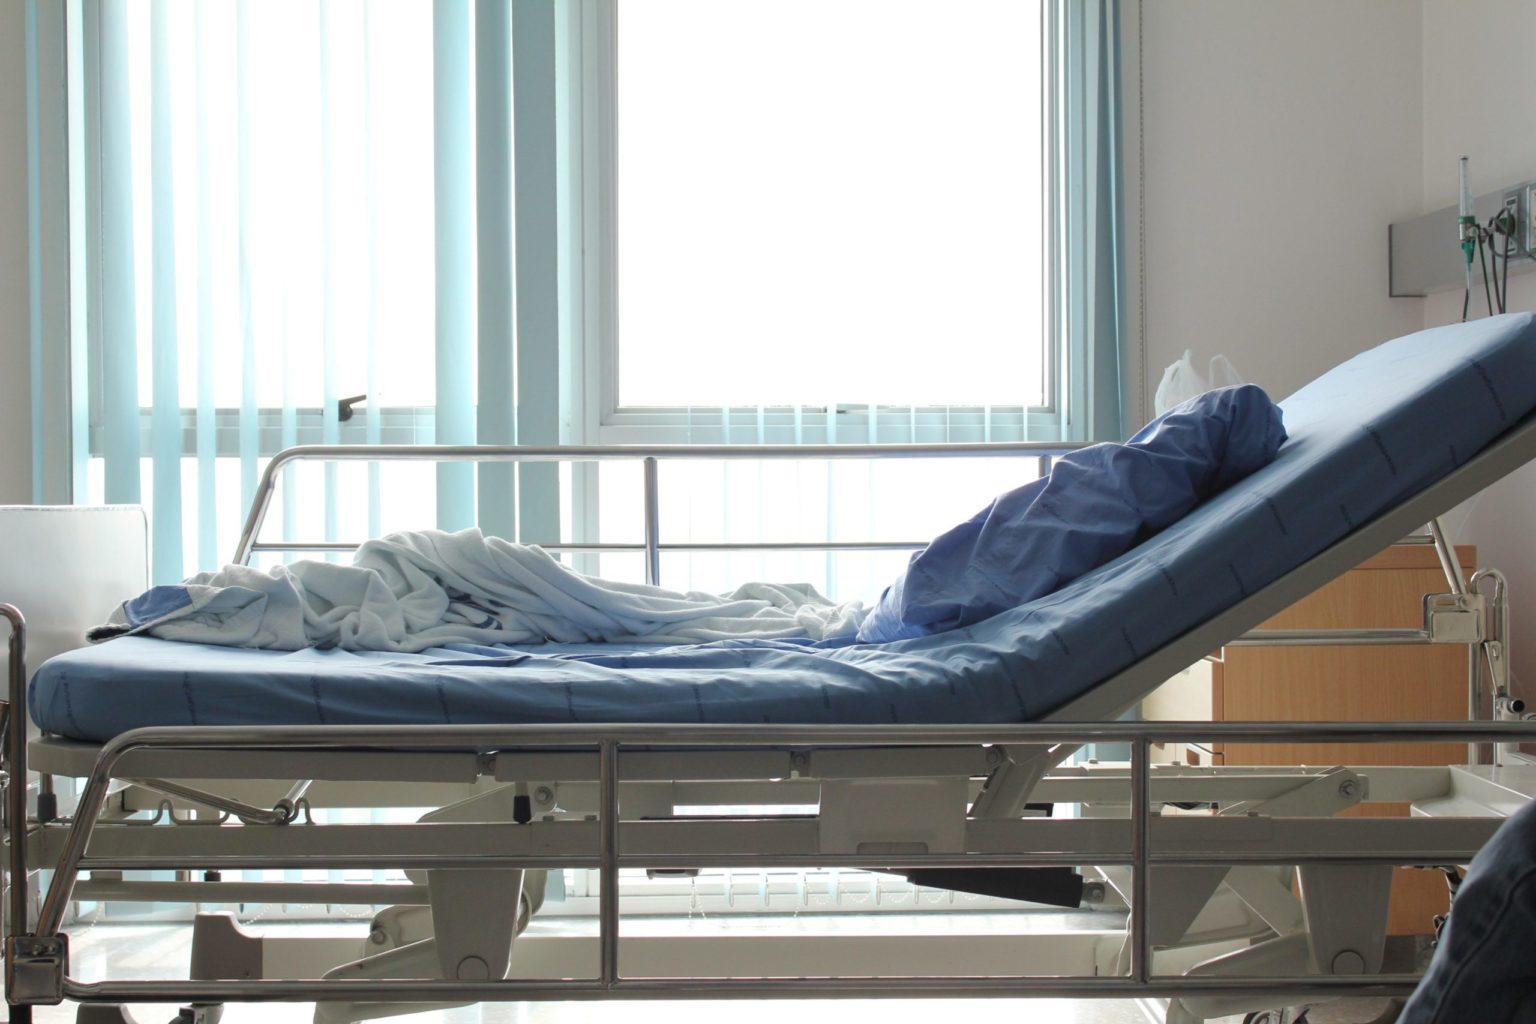 Еще 17 человек с коронавирусом умерли в республике – Роспотребнадзор